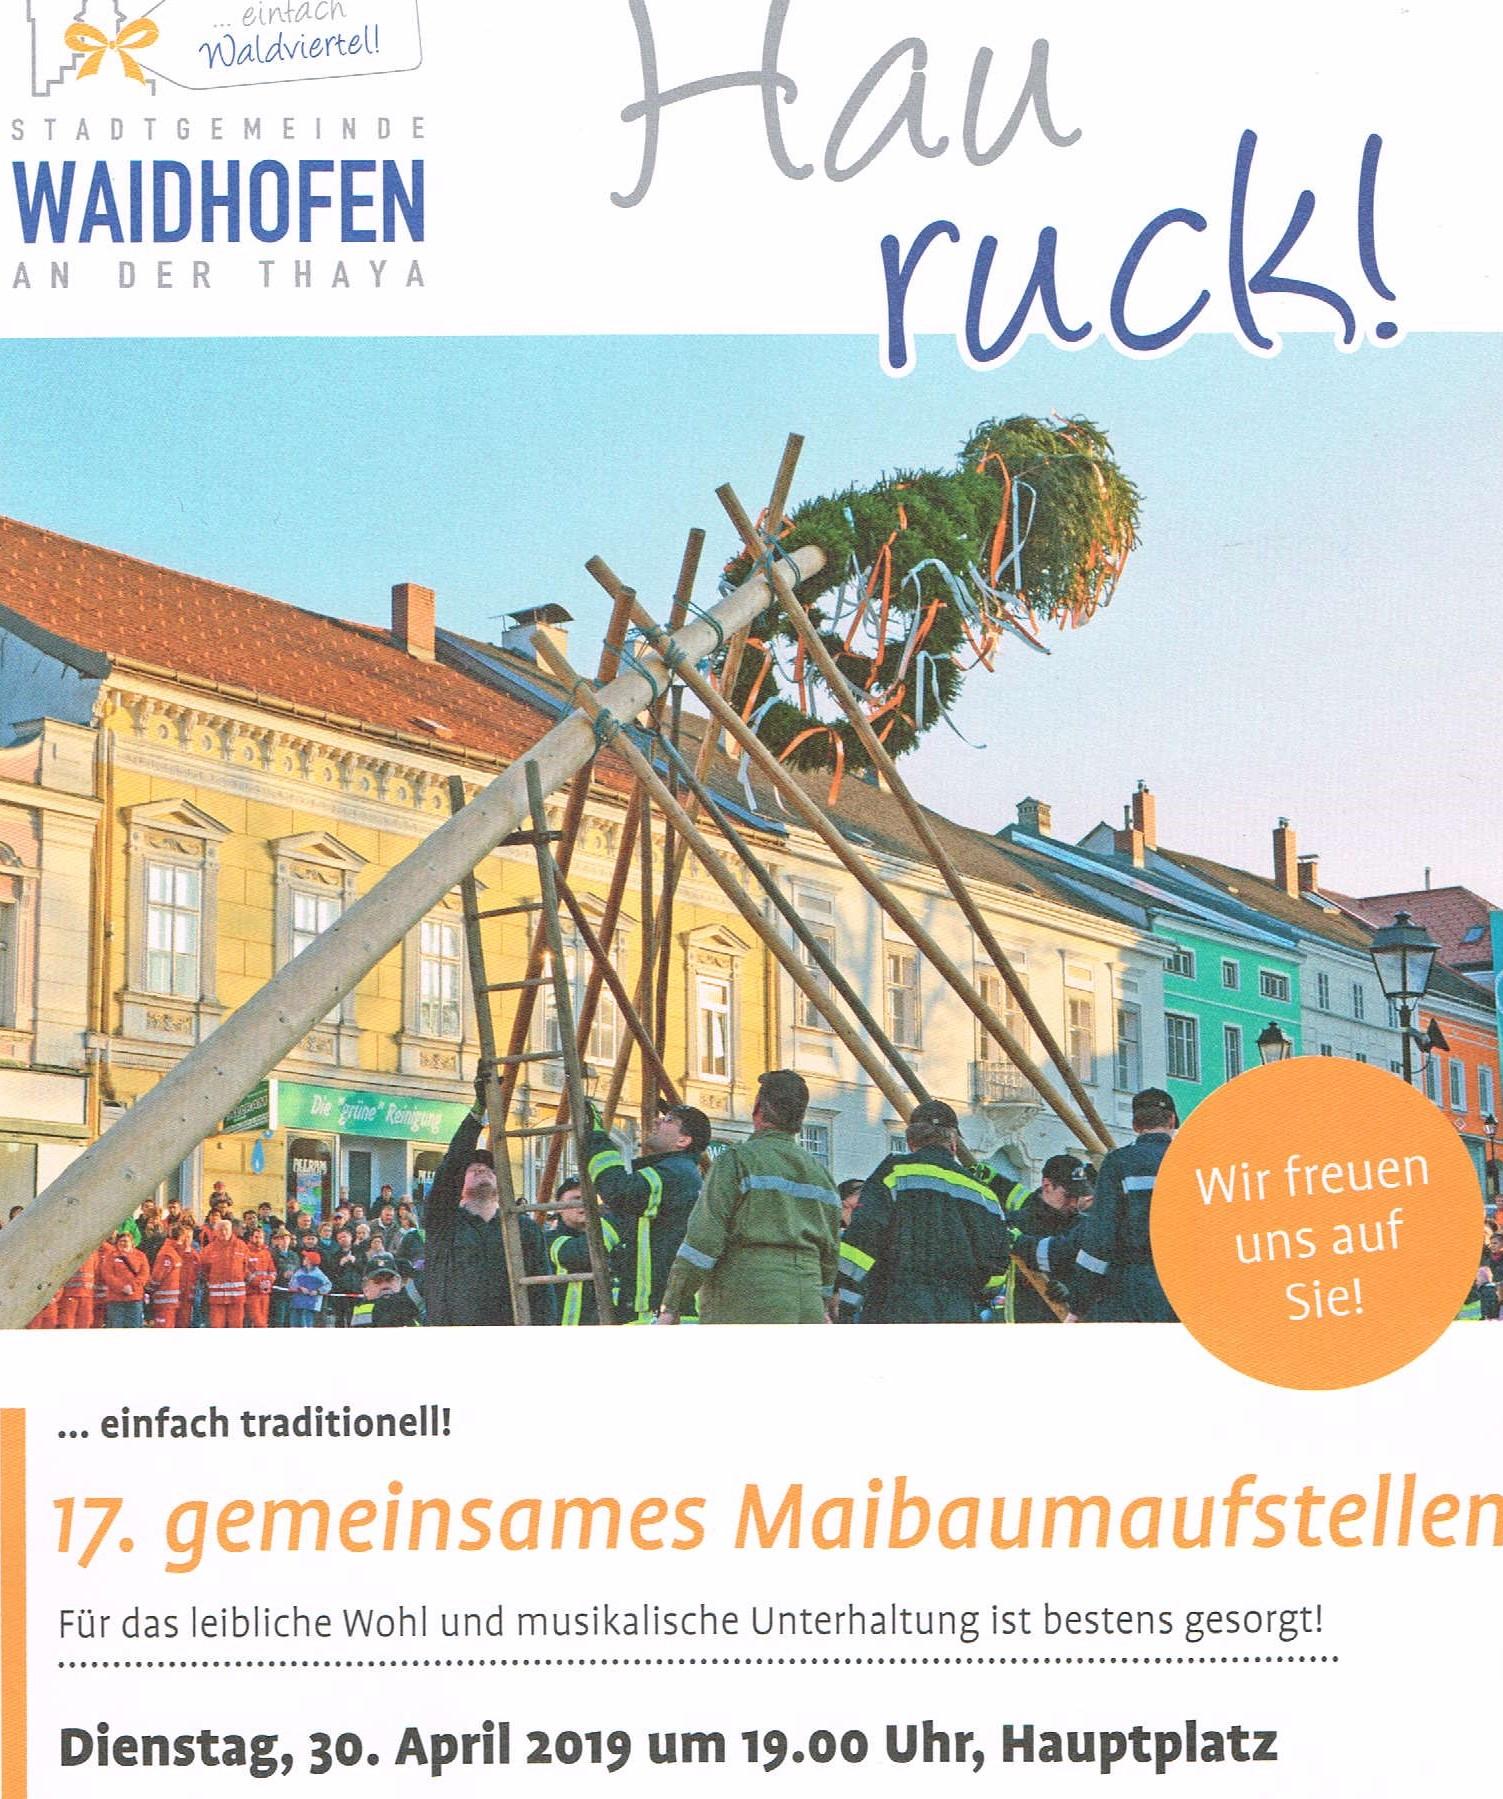 30.4.2019: Gratis Bier, Wein, Alkoholfreies, Frankfurter, Semmeln + Musik: Hauptplatz 3830 Waidhofen/Thaya